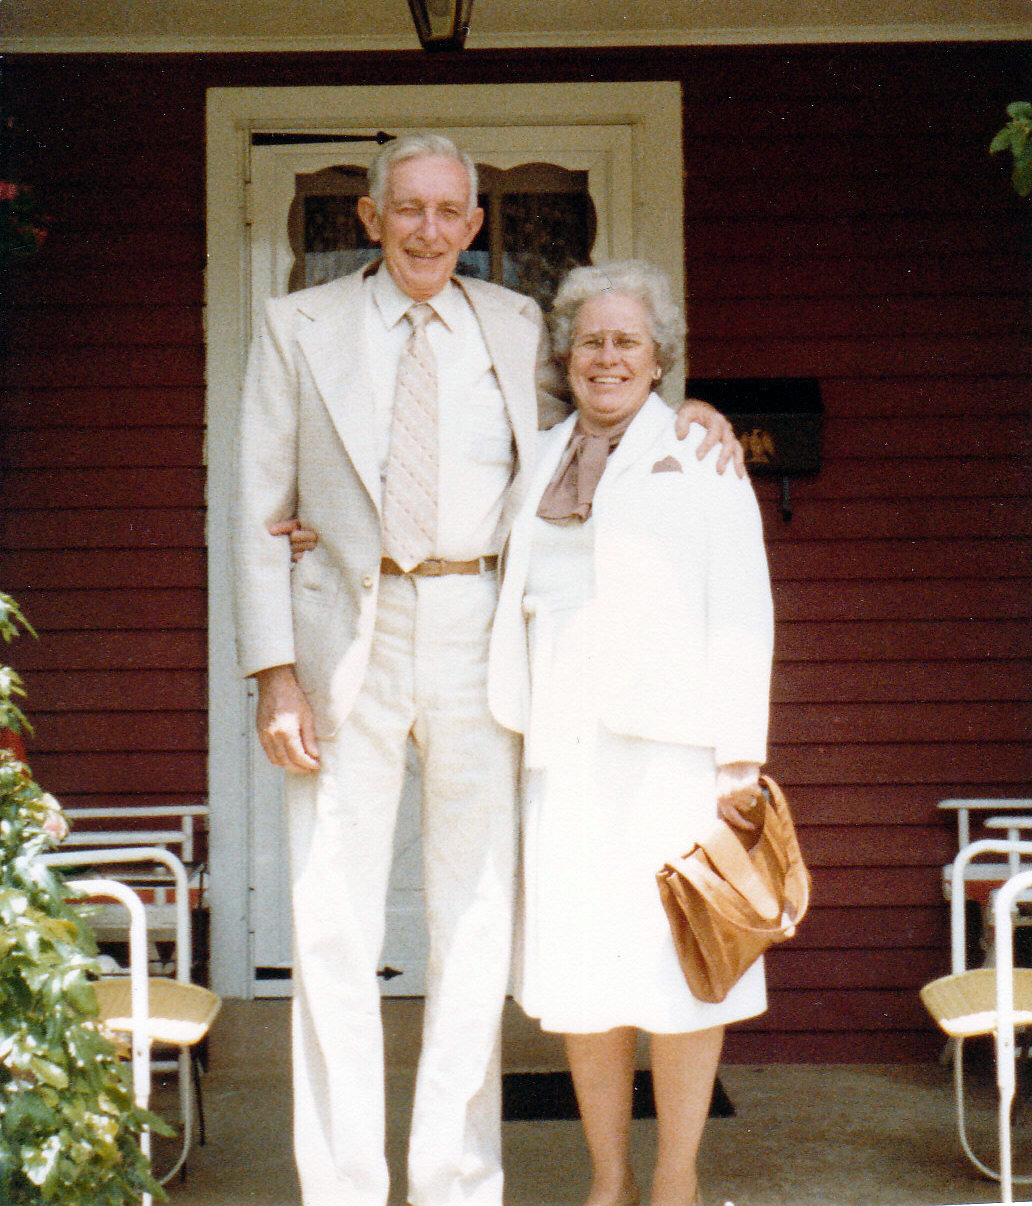 John & Phyllis in white